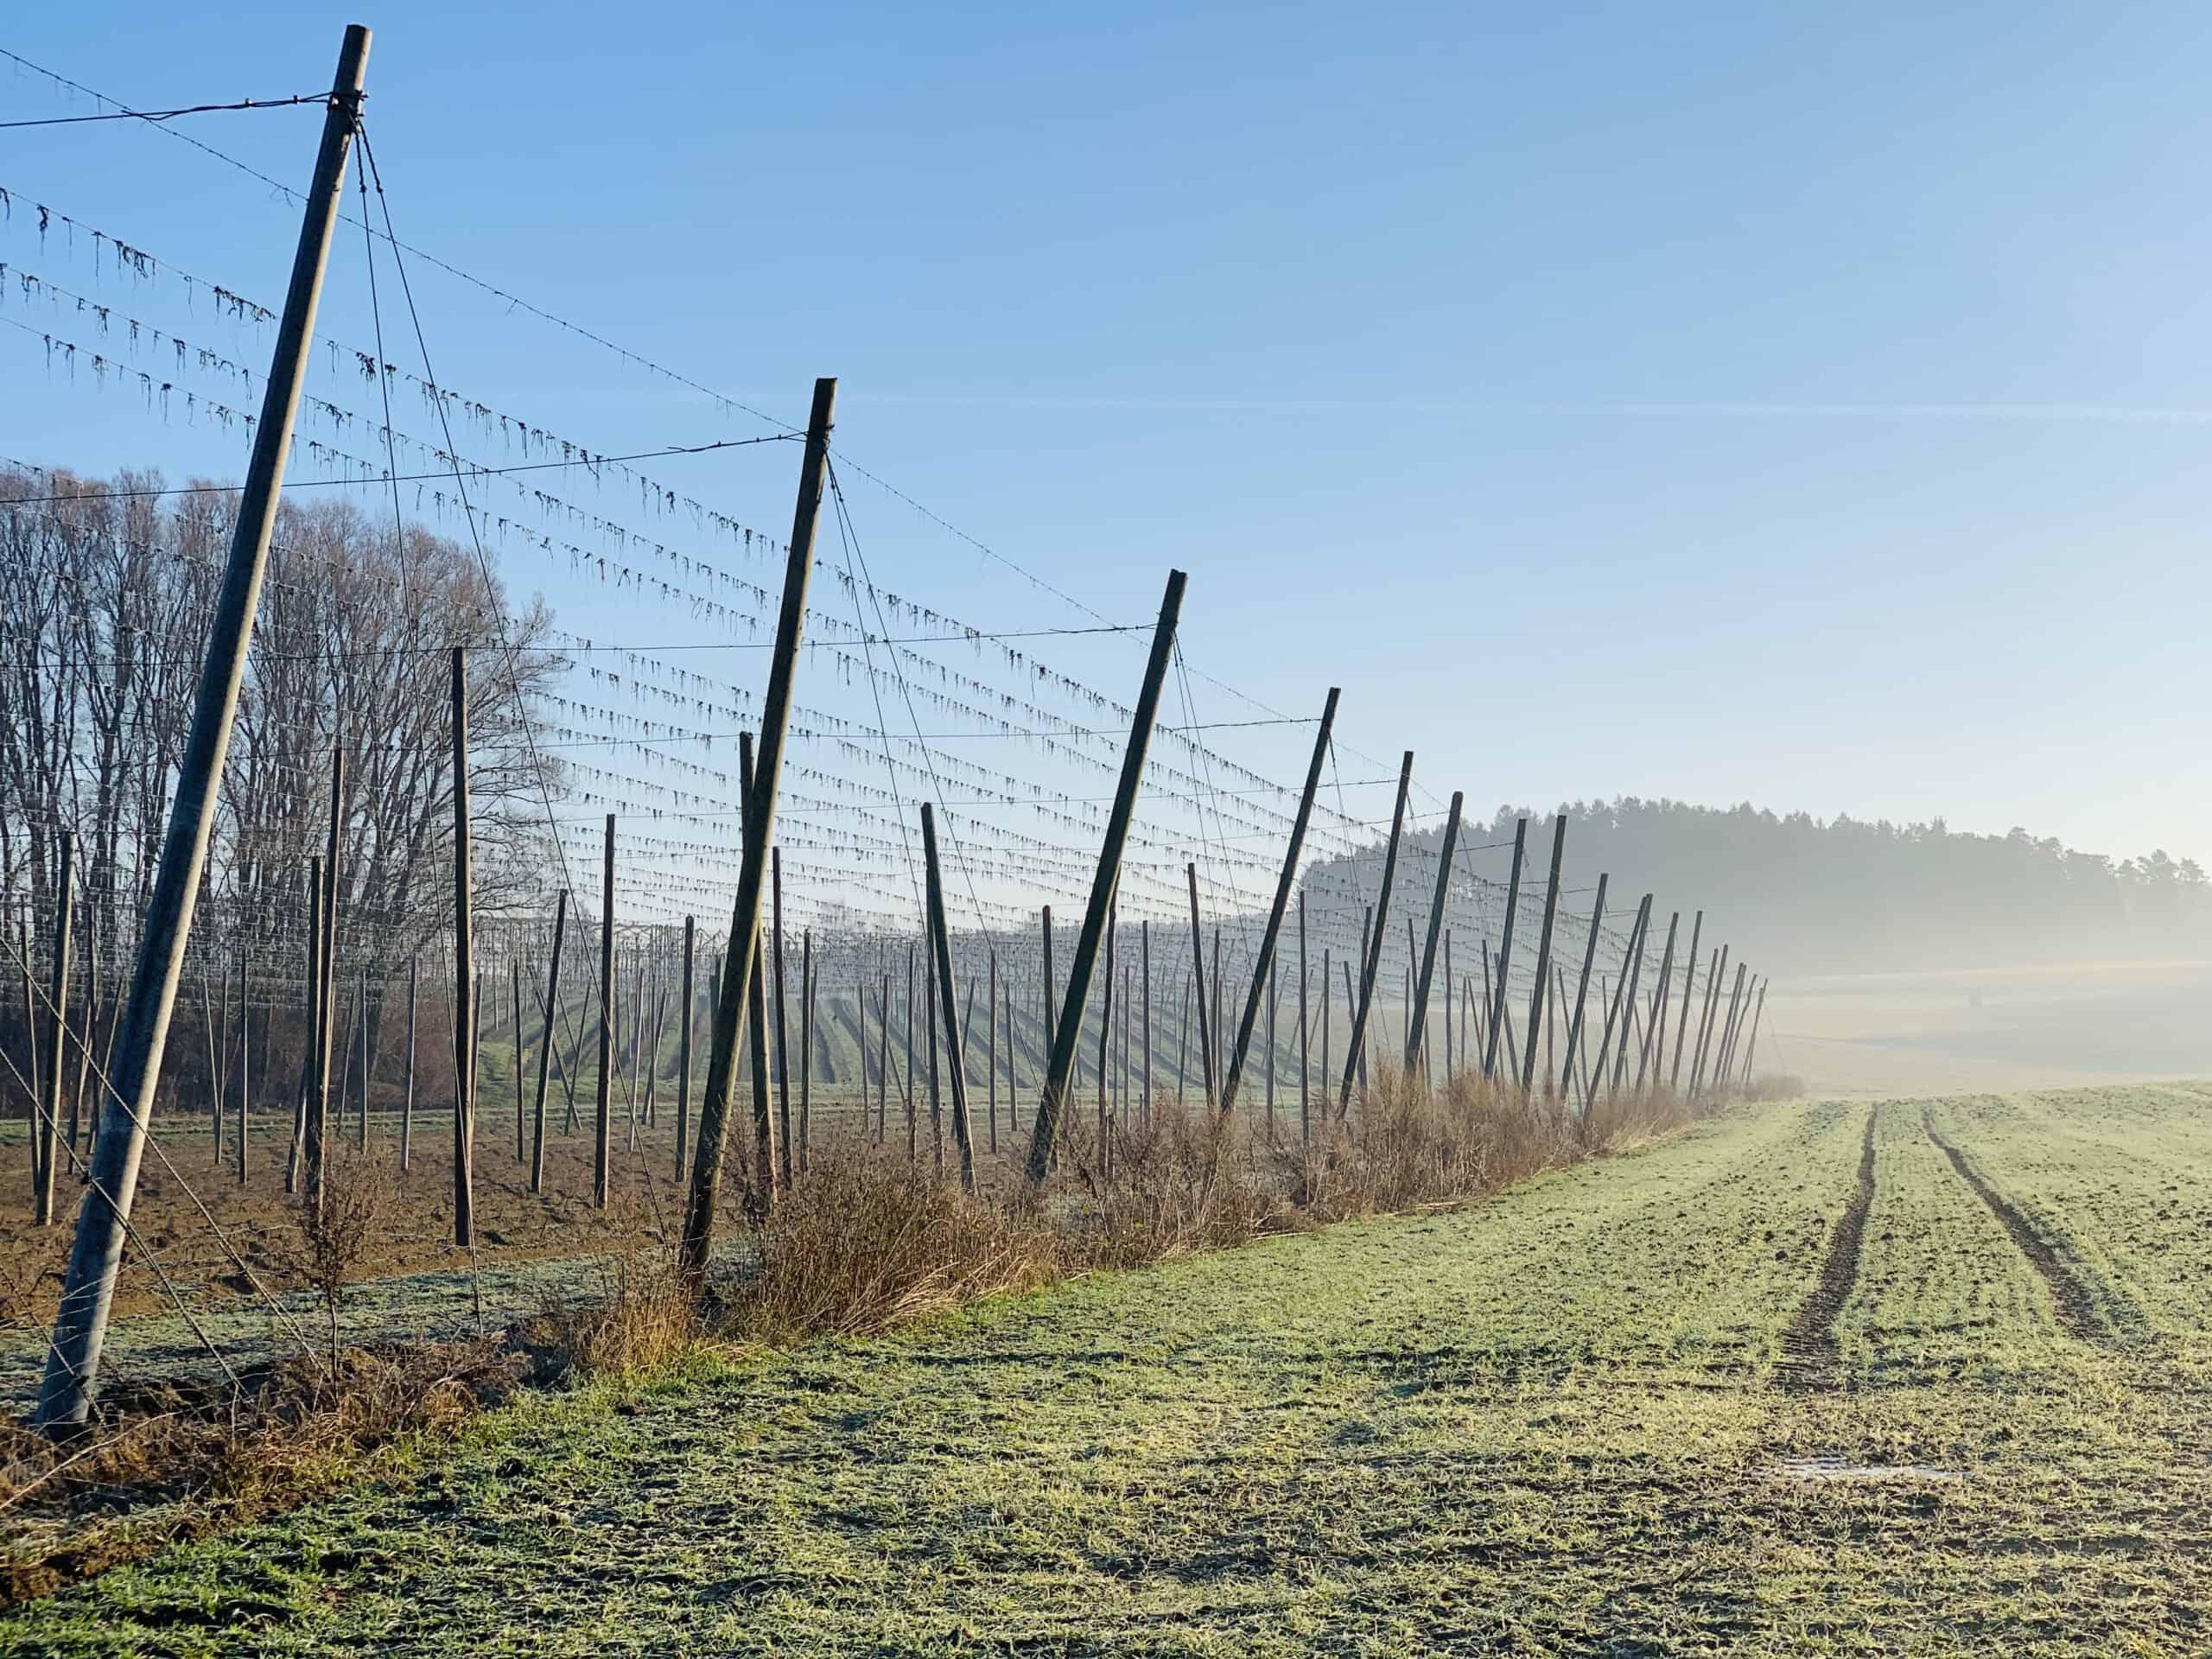 Hopfen Garten im Winter in der Hallertau - Nähe Pörnbach - hier wird ab Mai Hopfen für frischen Hopfenkranz wachsen